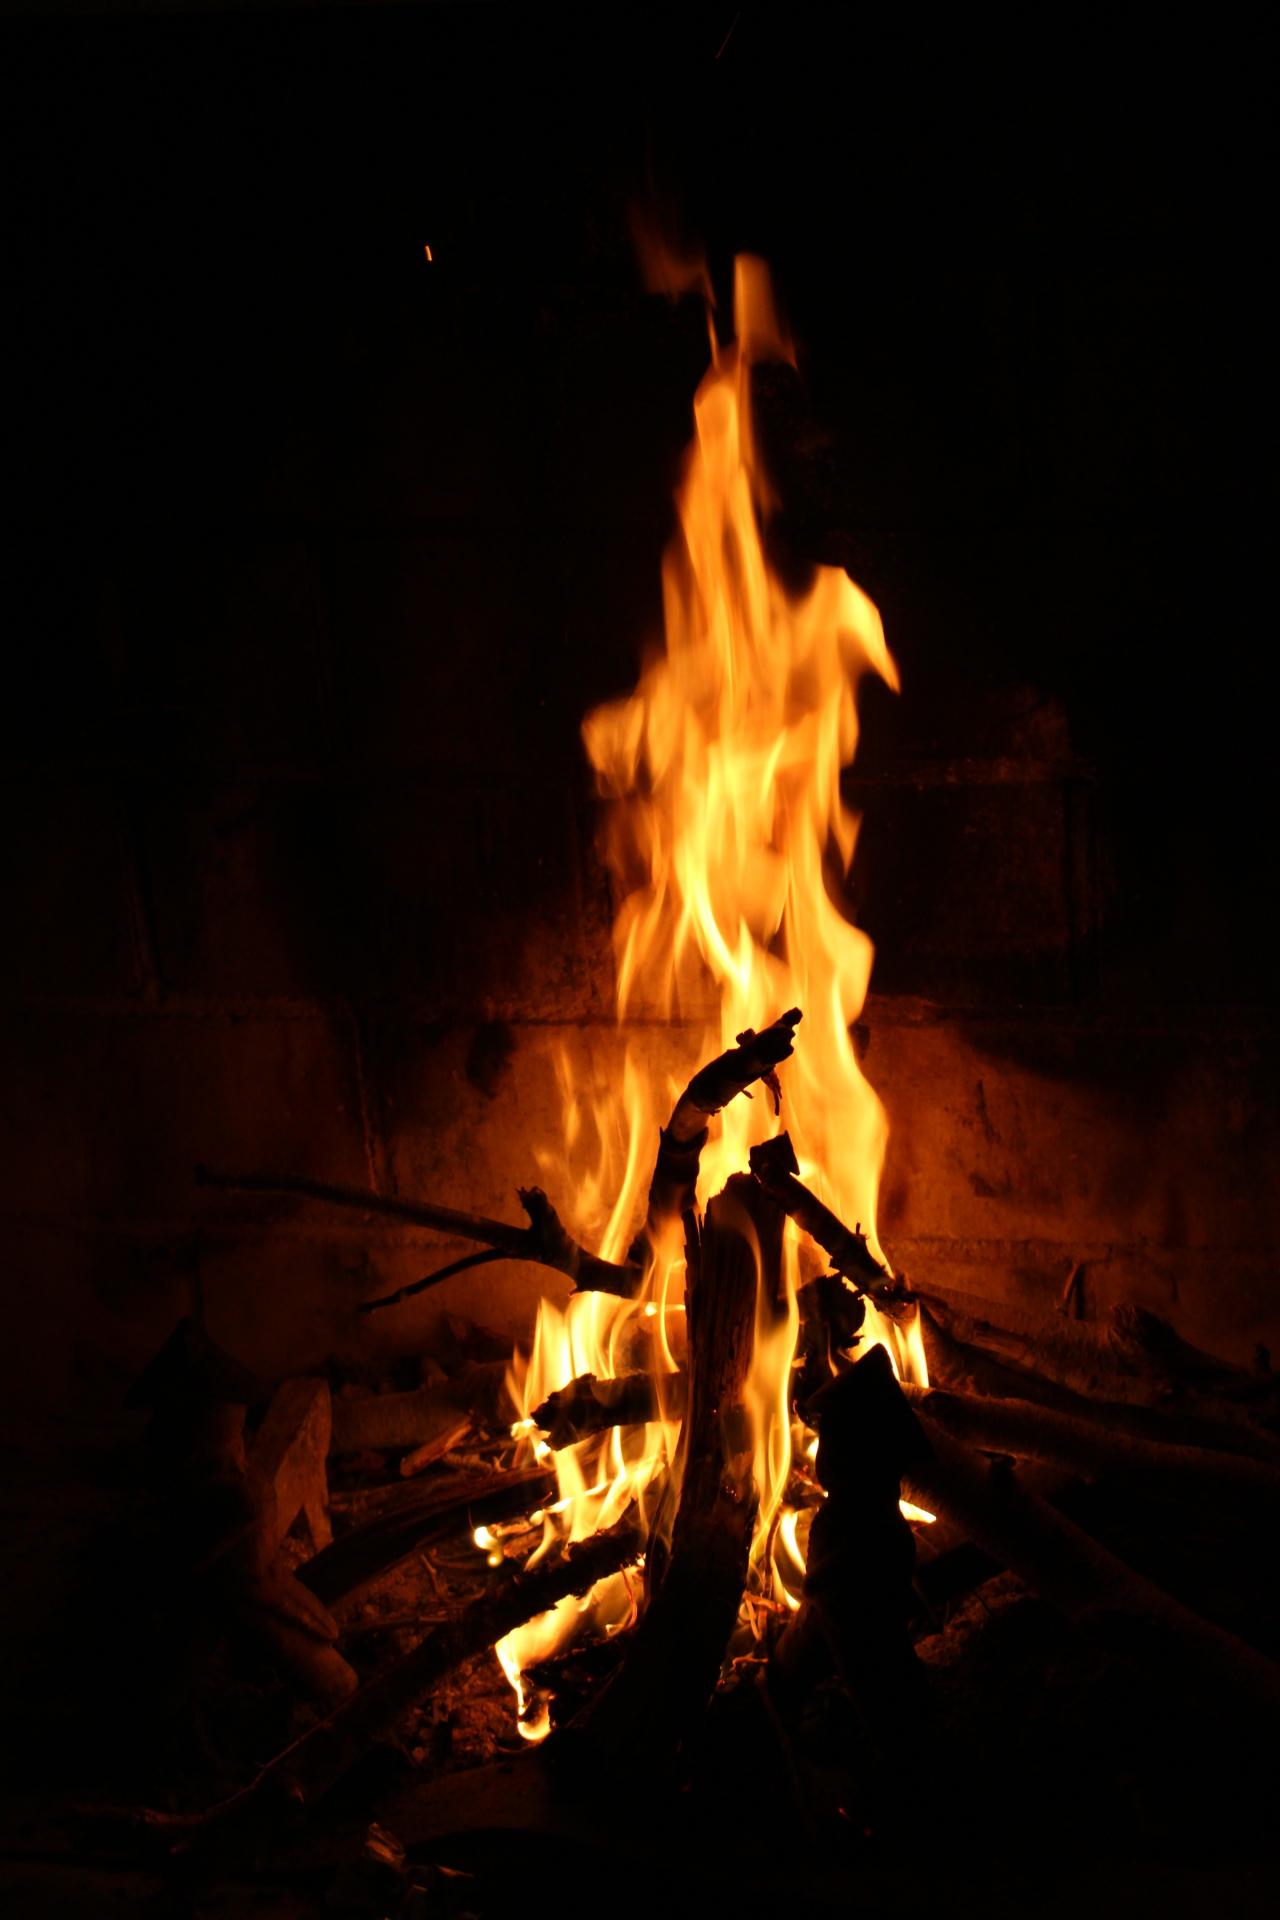 Fiya! (Fire)